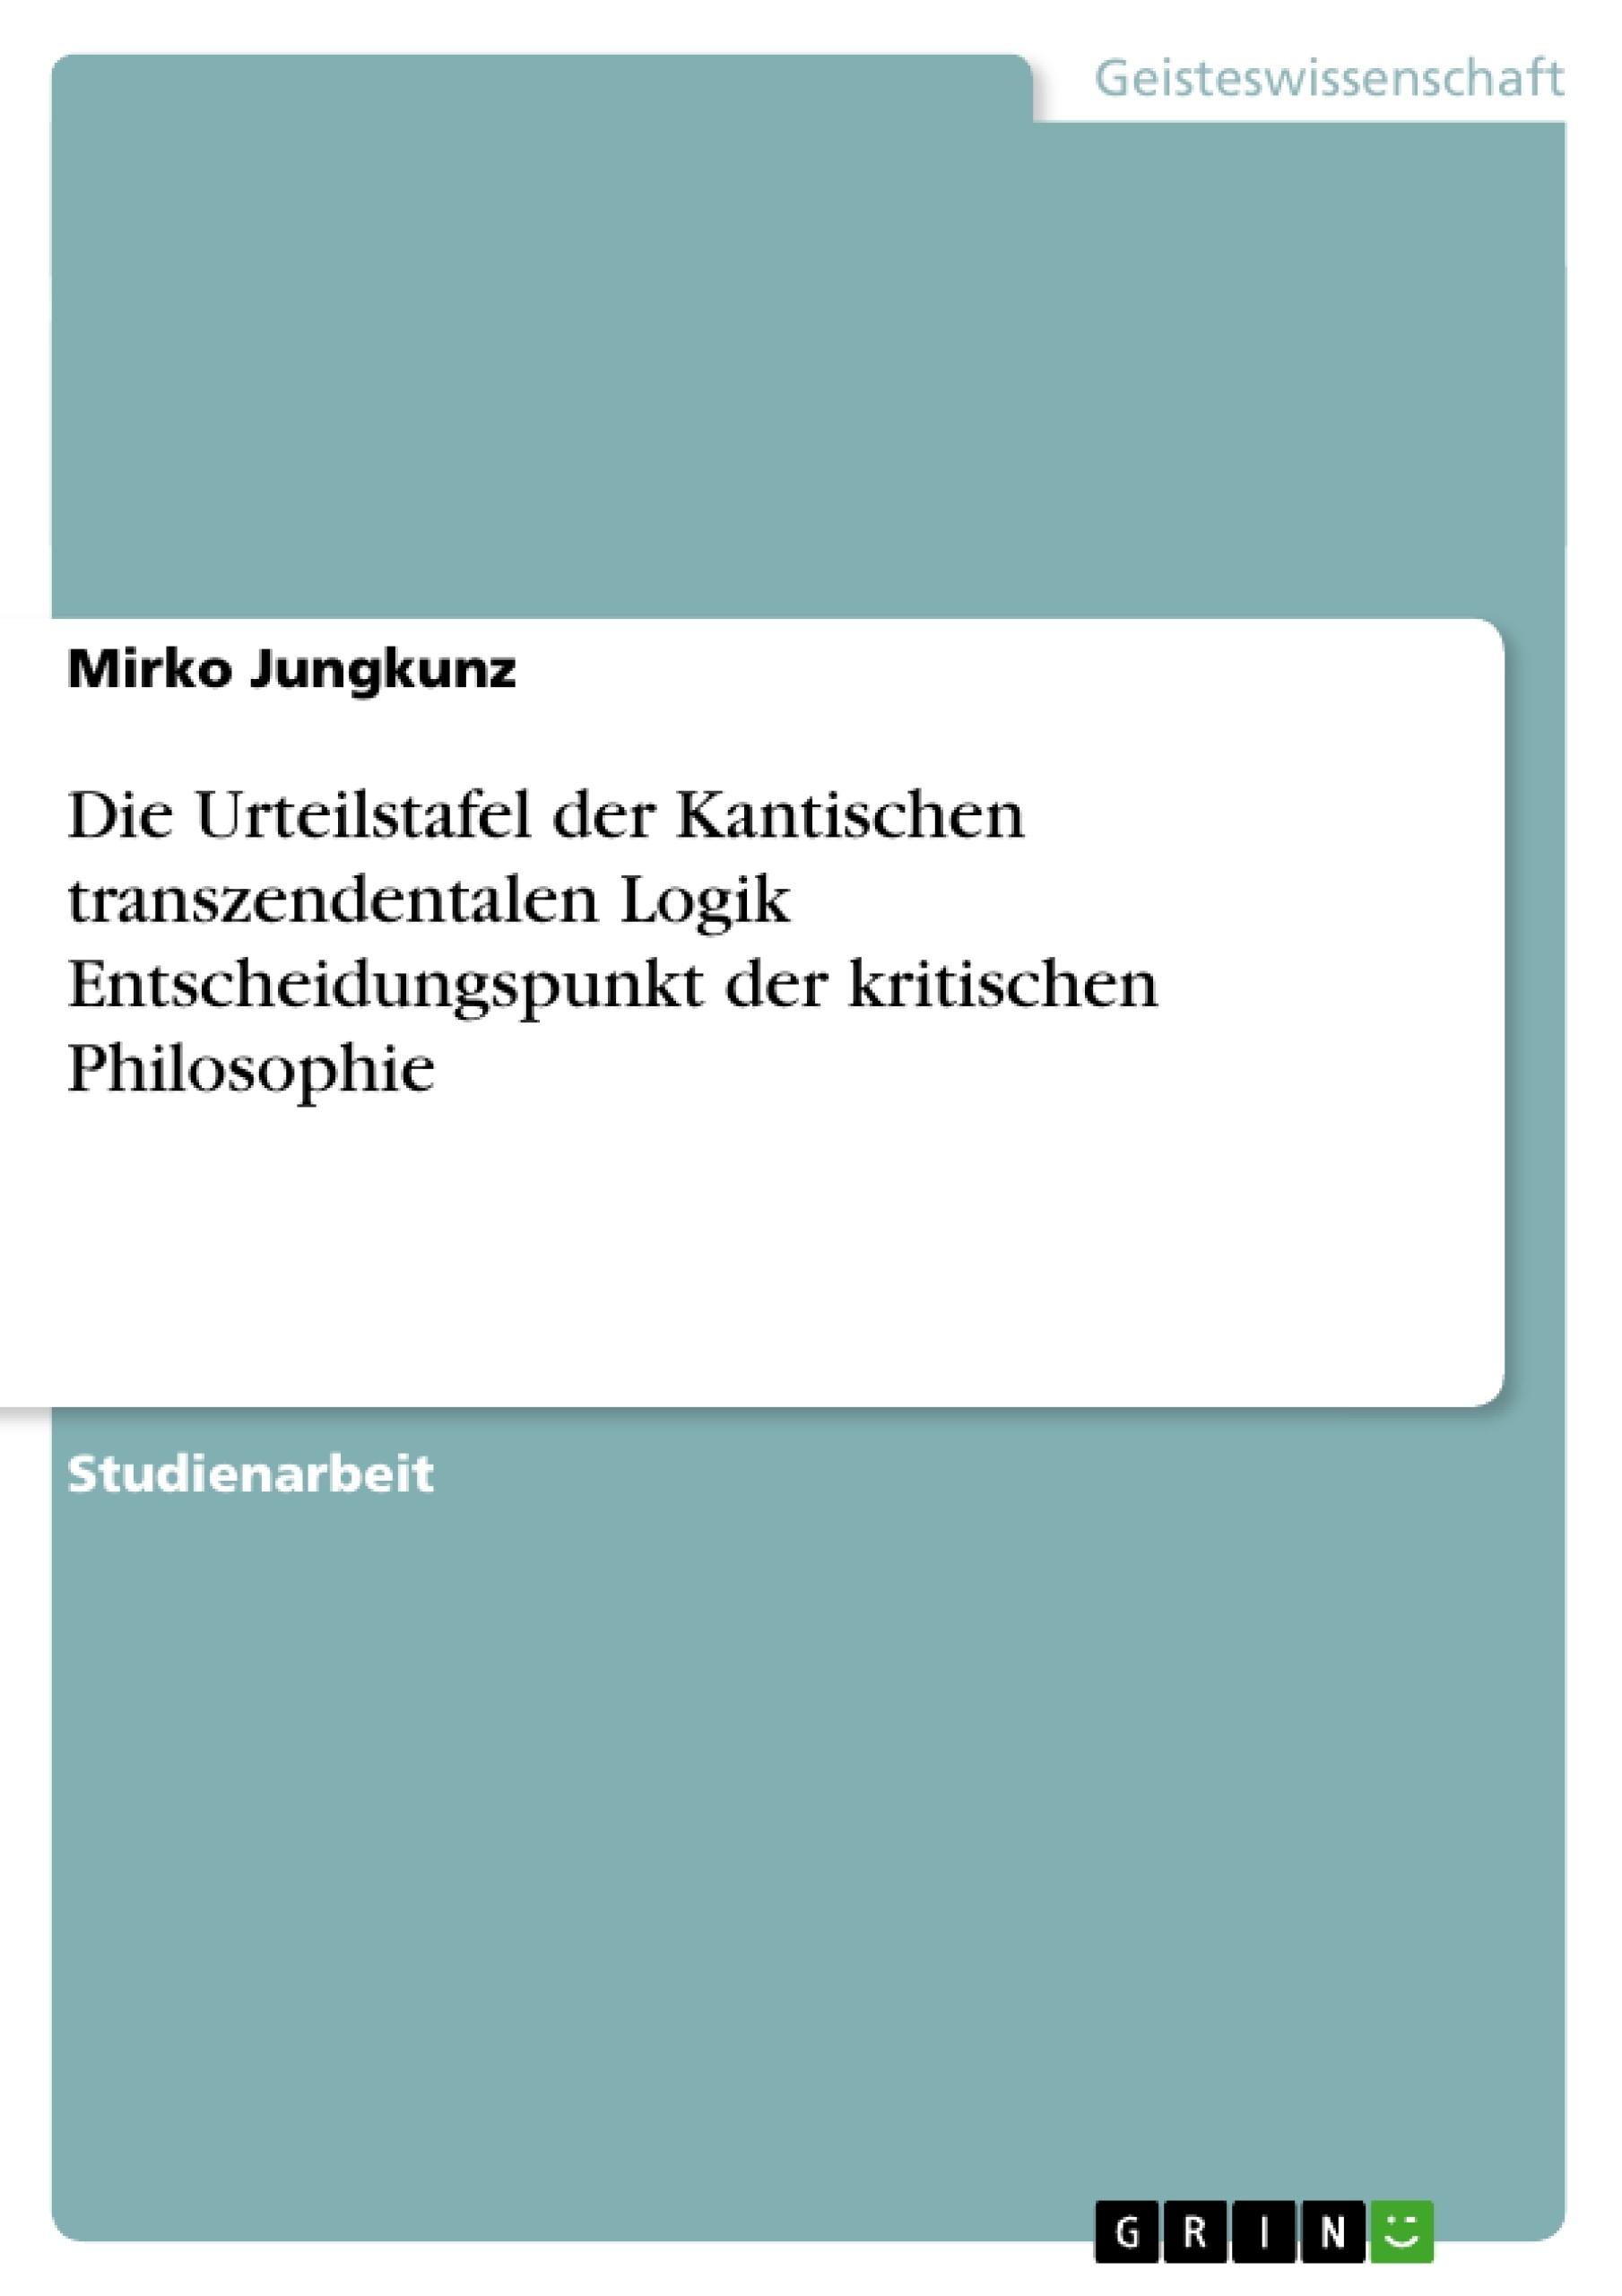 Titel: Die Urteilstafel der Kantischen transzendentalen Logik  Entscheidungspunkt der kritischen Philosophie